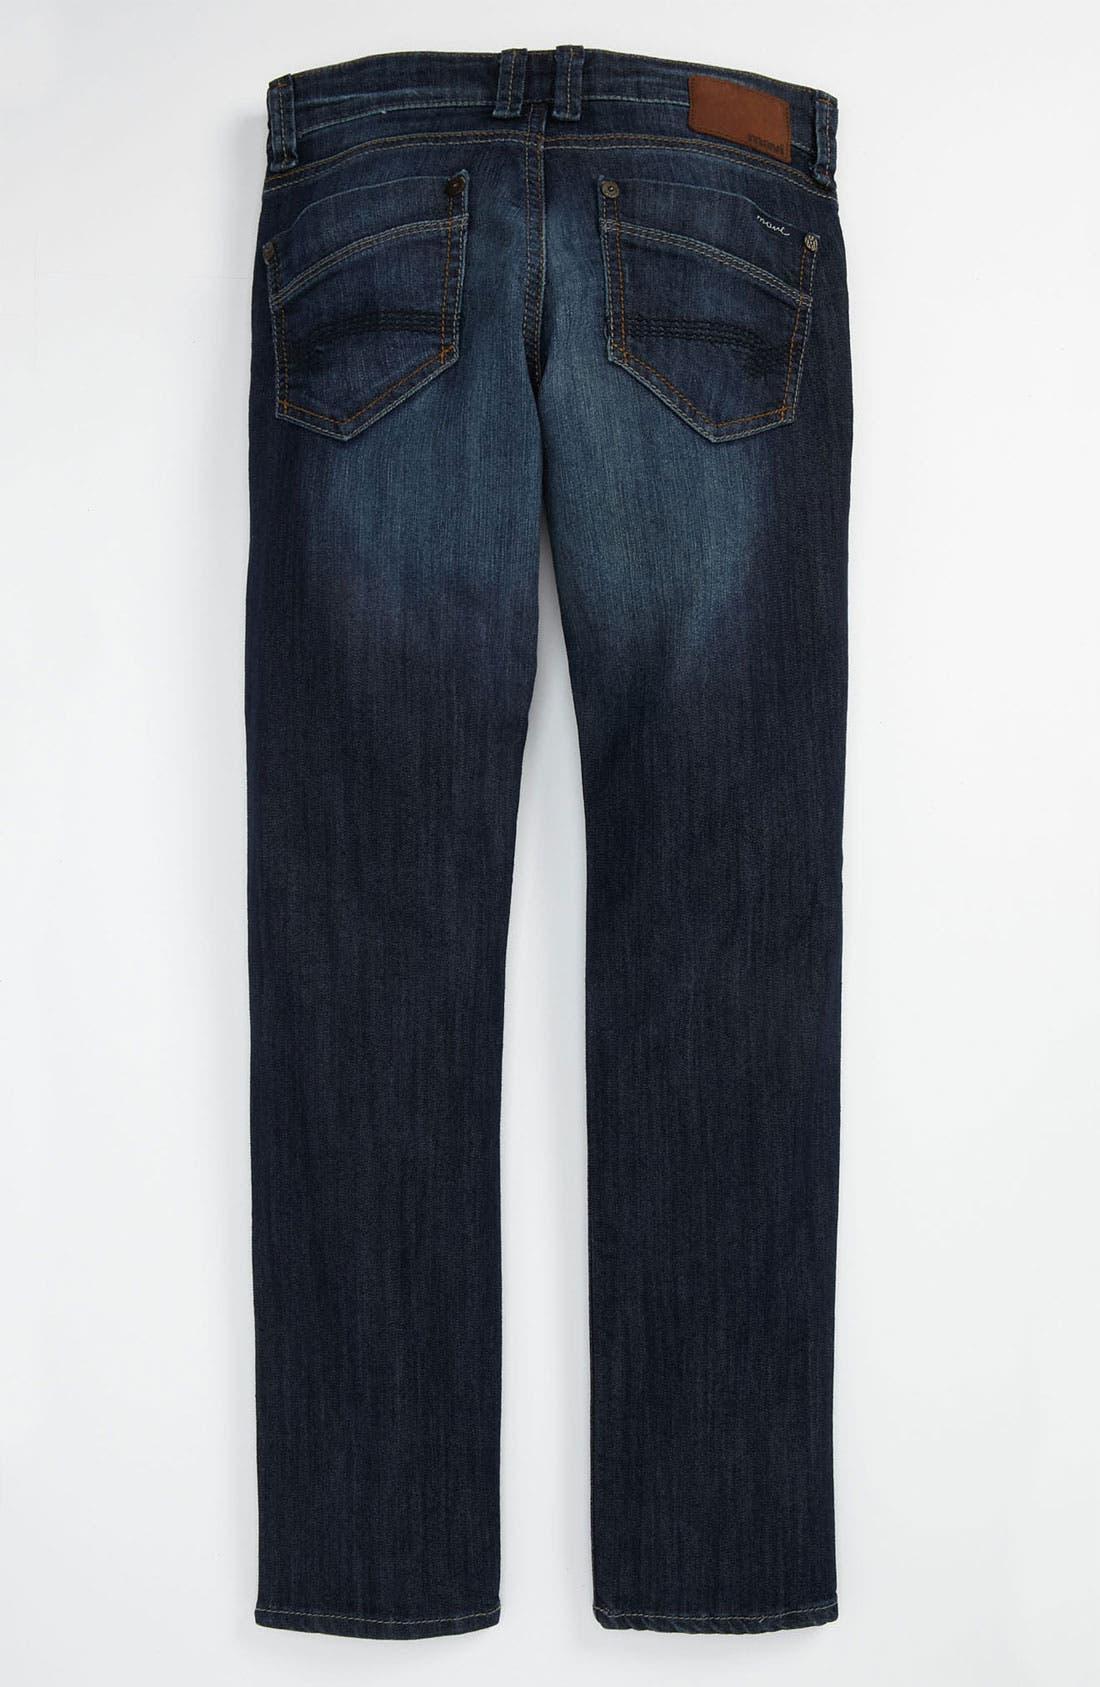 Main Image - Mavi Jeans 'Justin' Jeans (Big Boys)